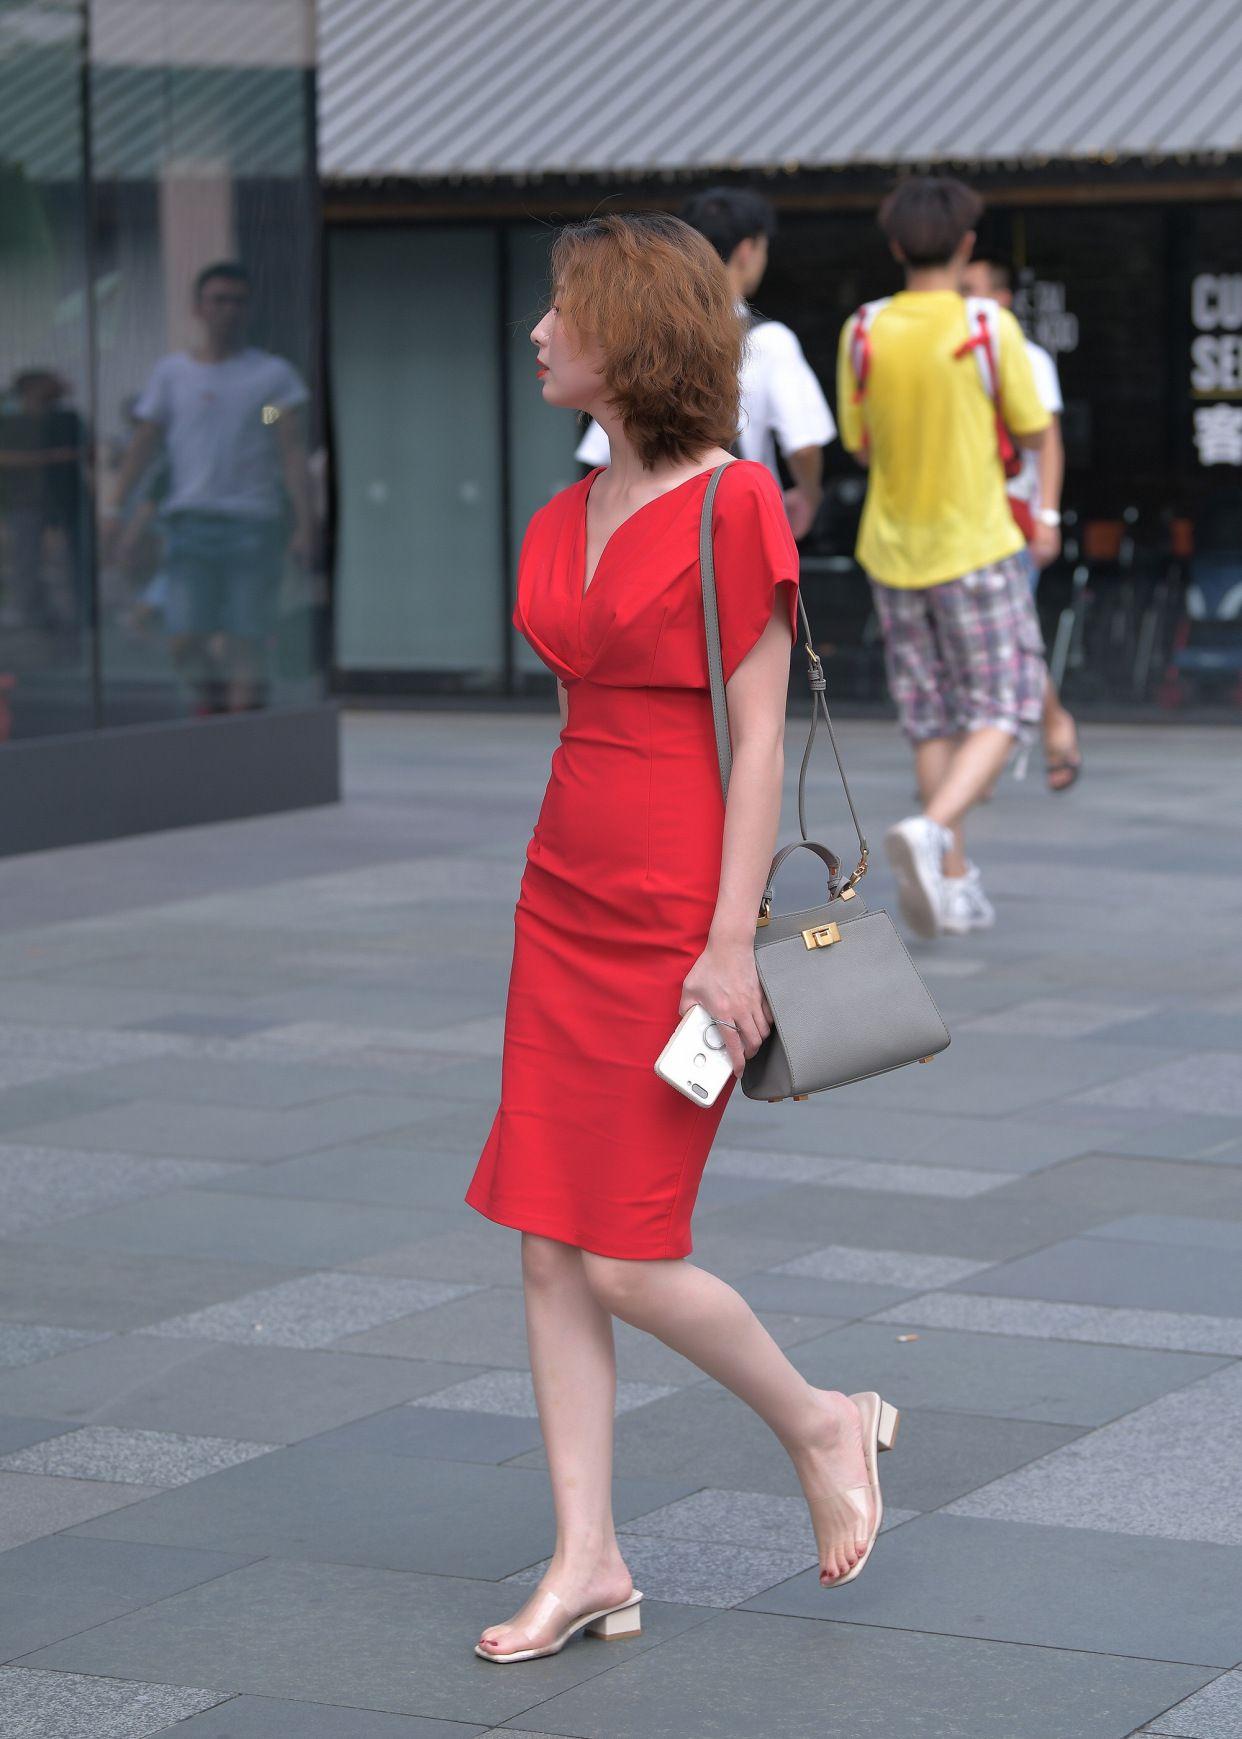 夏天选裙子注意两点:材质和颜色,选对了,你就是万众瞩目的焦点